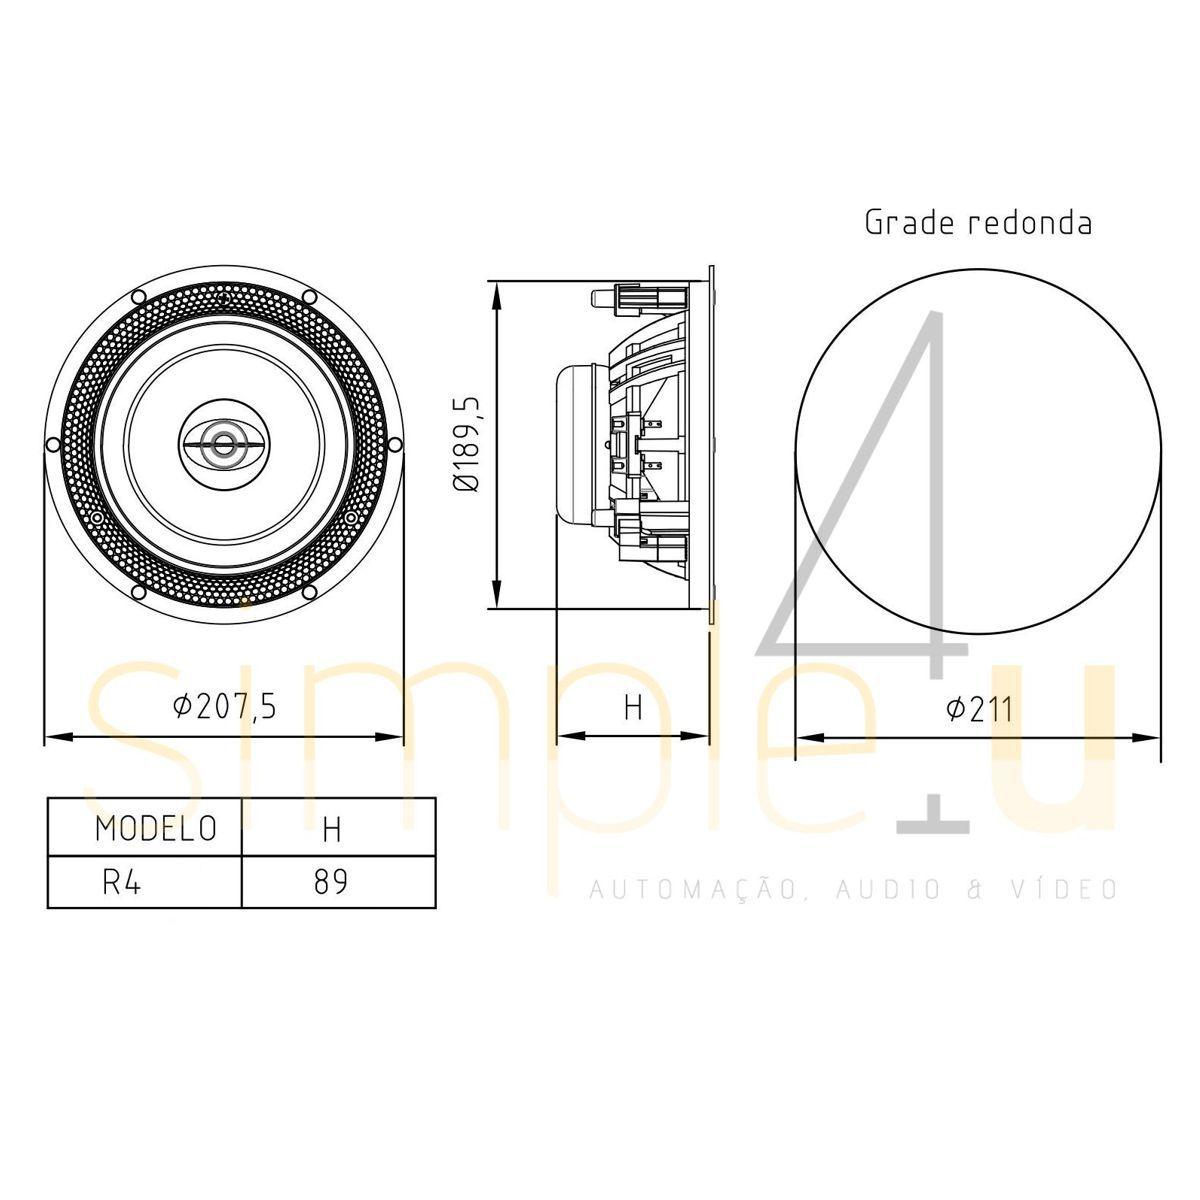 Caixa Acústica de Embutir Plana C/ Tela Redonda 60W RMS R4 BSA (PAR)